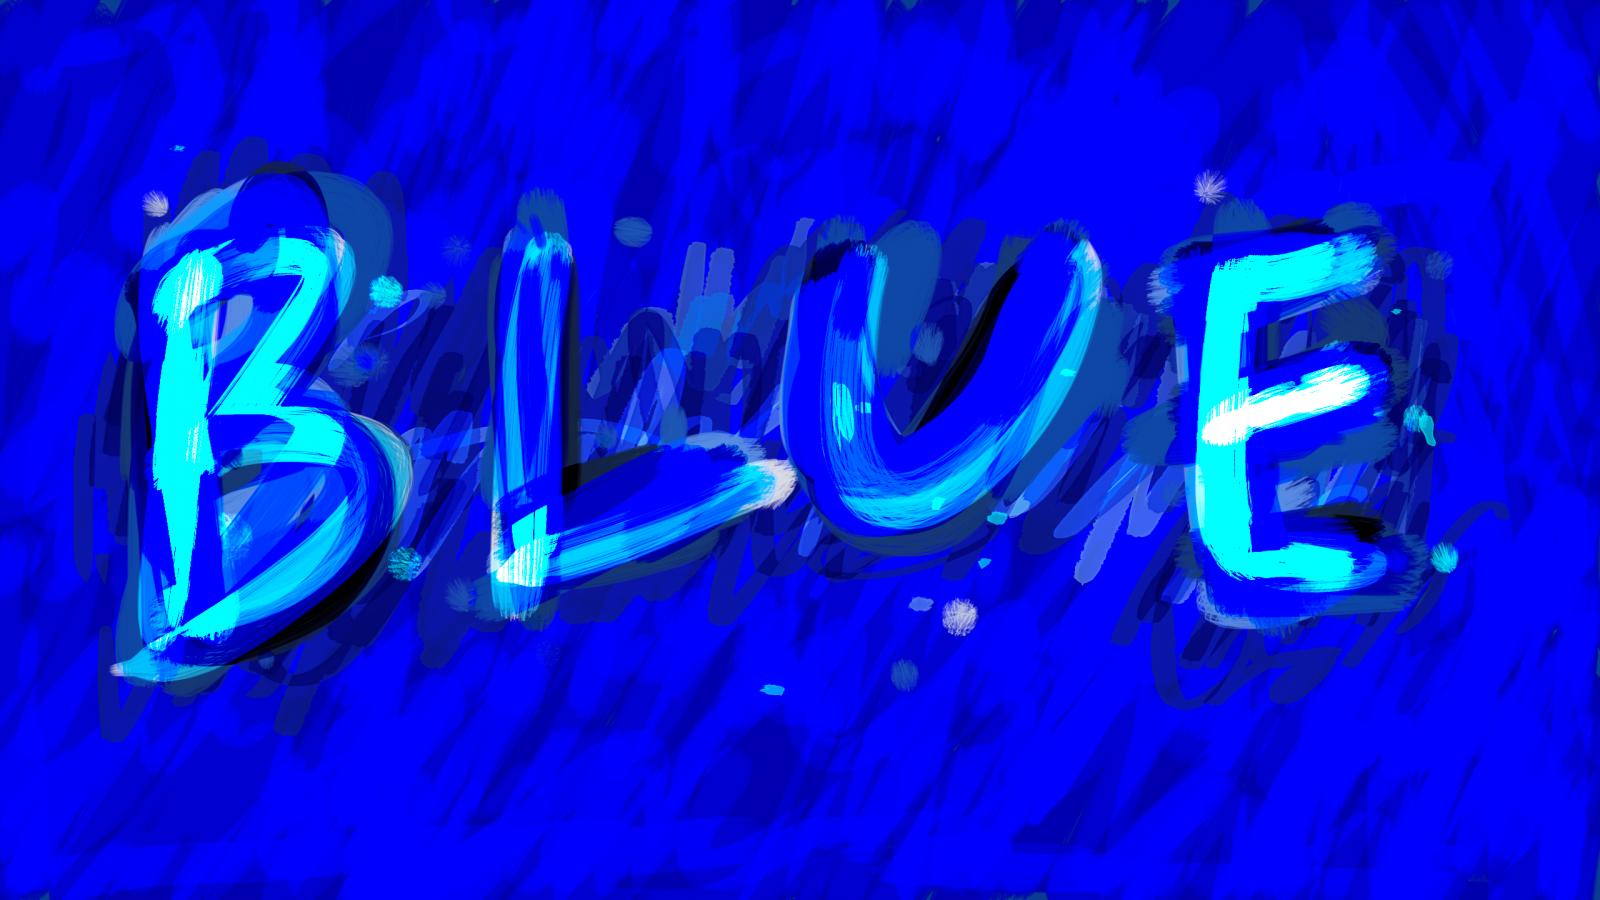 Надписями обращение, сделать красивую картинку онлайн с надписью